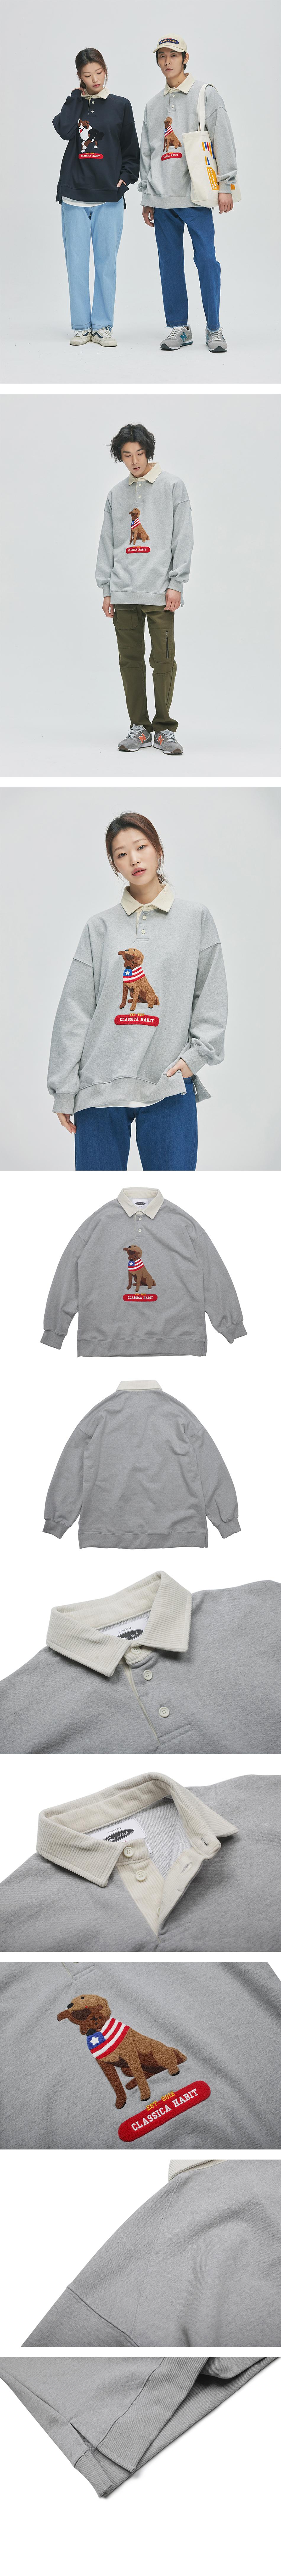 콰이어티스트(QUIETIST) 리트리버 바이트 럭비 스웨트셔츠 (gray)